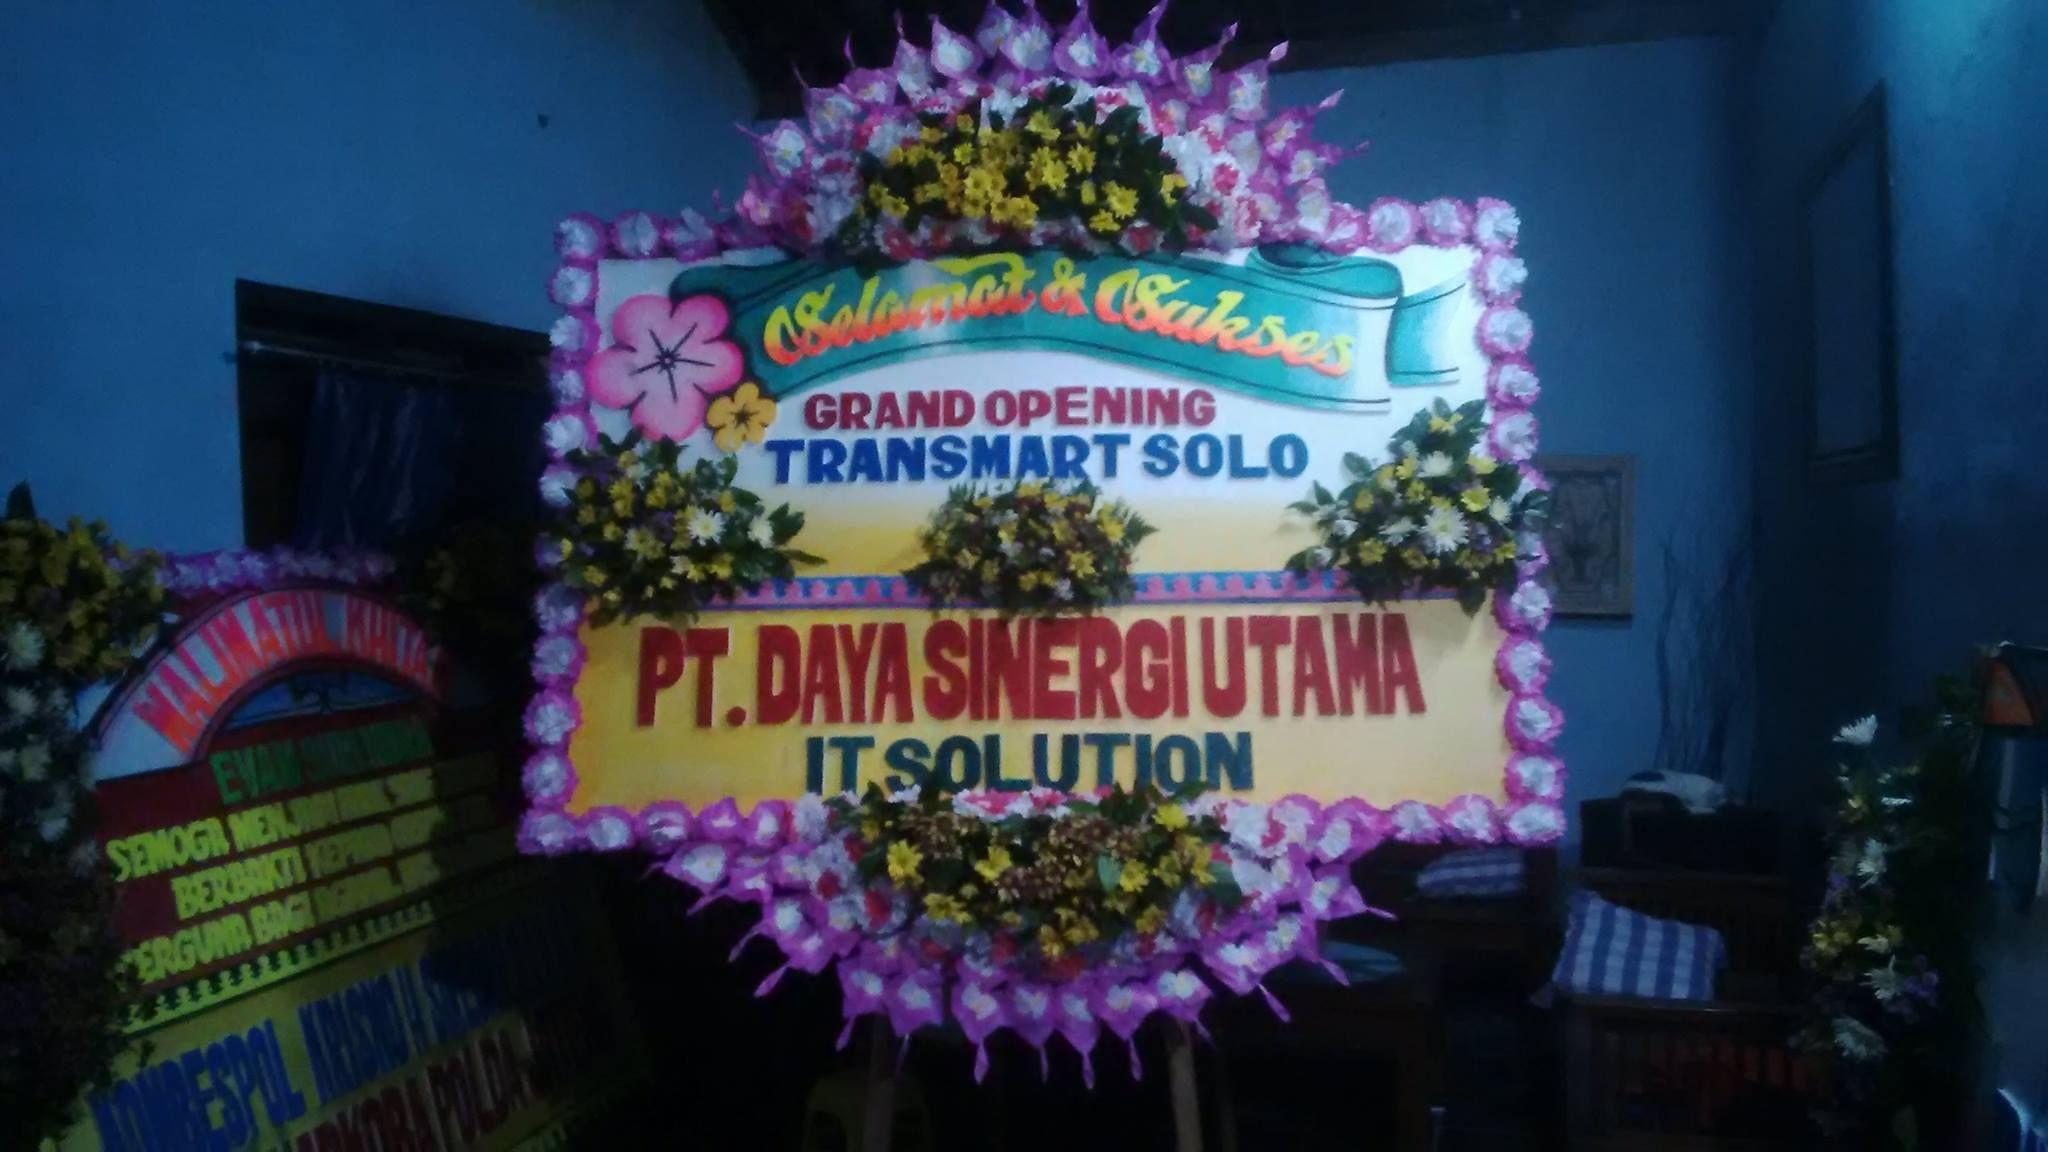 Toko Bunga Salatiga Karangan Bunga Salatiga Kota Bunga Papan Happy Wedding Salatiga Bunga Papan Duka Cita Salatiga Bunga Papan Congratulati Bunga Toko Karangan